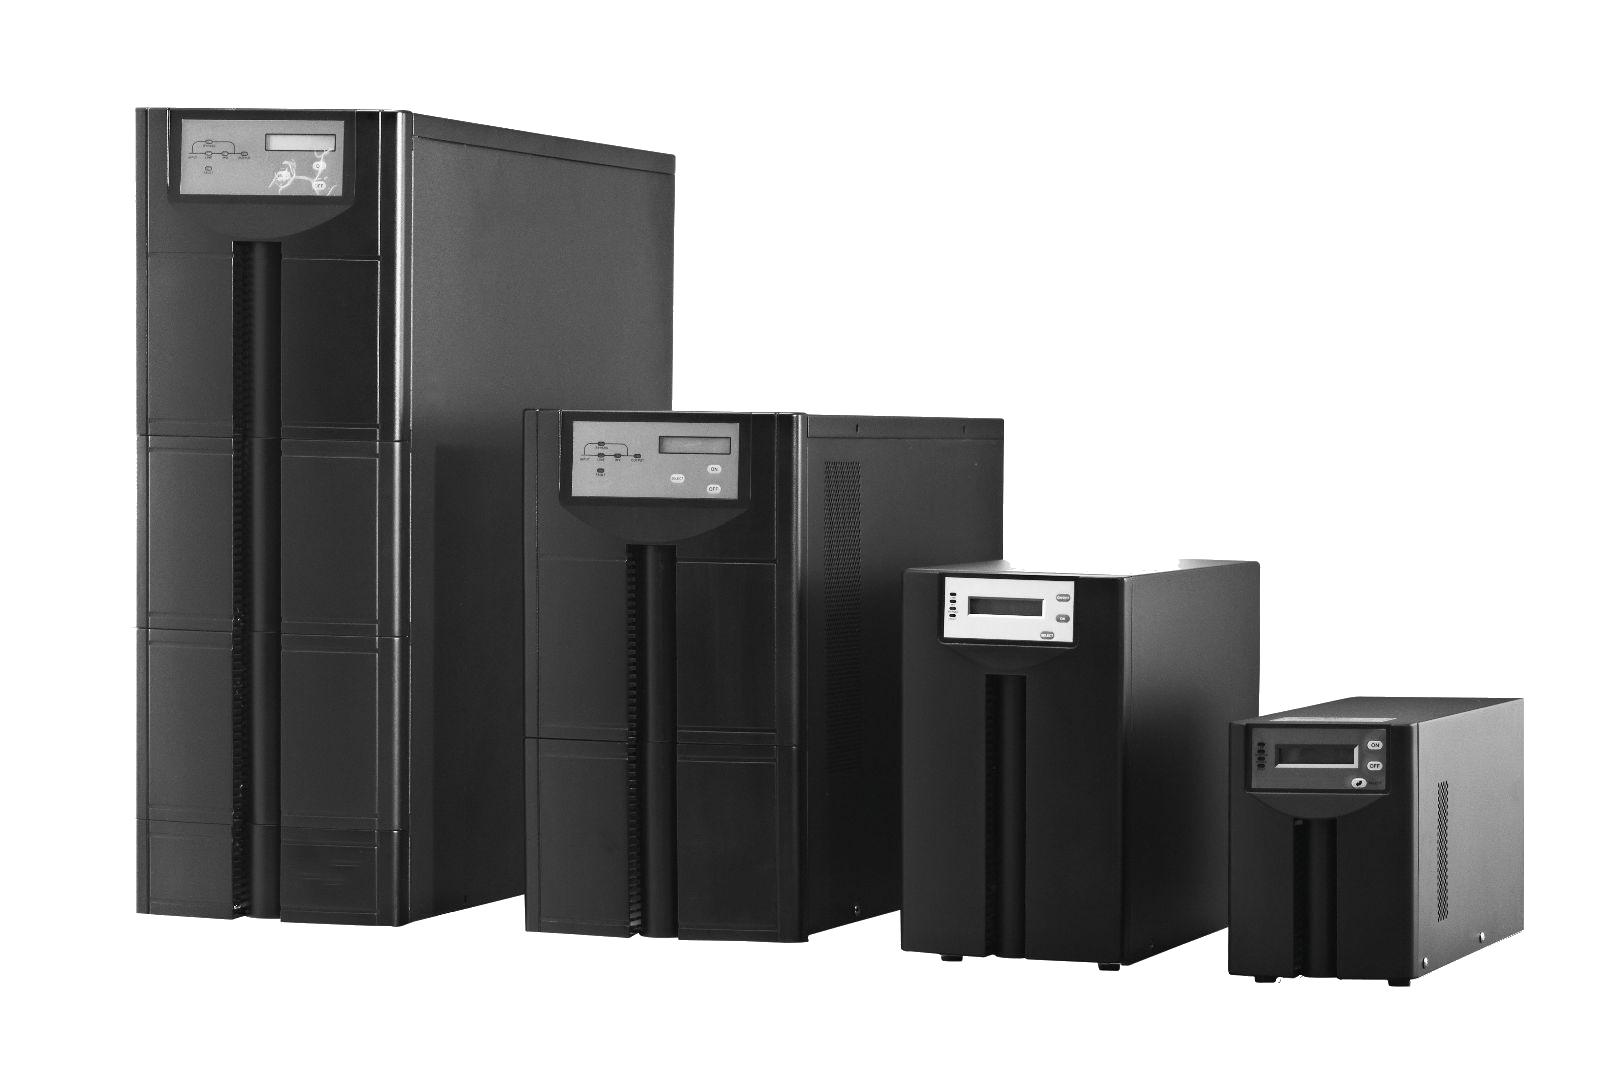 特殊规格可定制 UPS( Uninterruptible Power System ),即不间断电源,是一种含有储能装置,以逆变器为主要组成部分的恒压恒频的不间断电源。主要用于给单台计算机,计算机网络系统或其它电力电子设备提供不间断的电力供应。当市电输入正常时,UPS 将市电稳压后供应给负载使用,此时的UPS电源就是一台交流市电稳压器,同时它还向机内电池充电;当市电中断时, UPS 立即将机内电池的电能,通过逆变转换的方法向负载继续供应220V交流电,使负载维持正常工作并保护负载软,硬件不受损坏。 UP